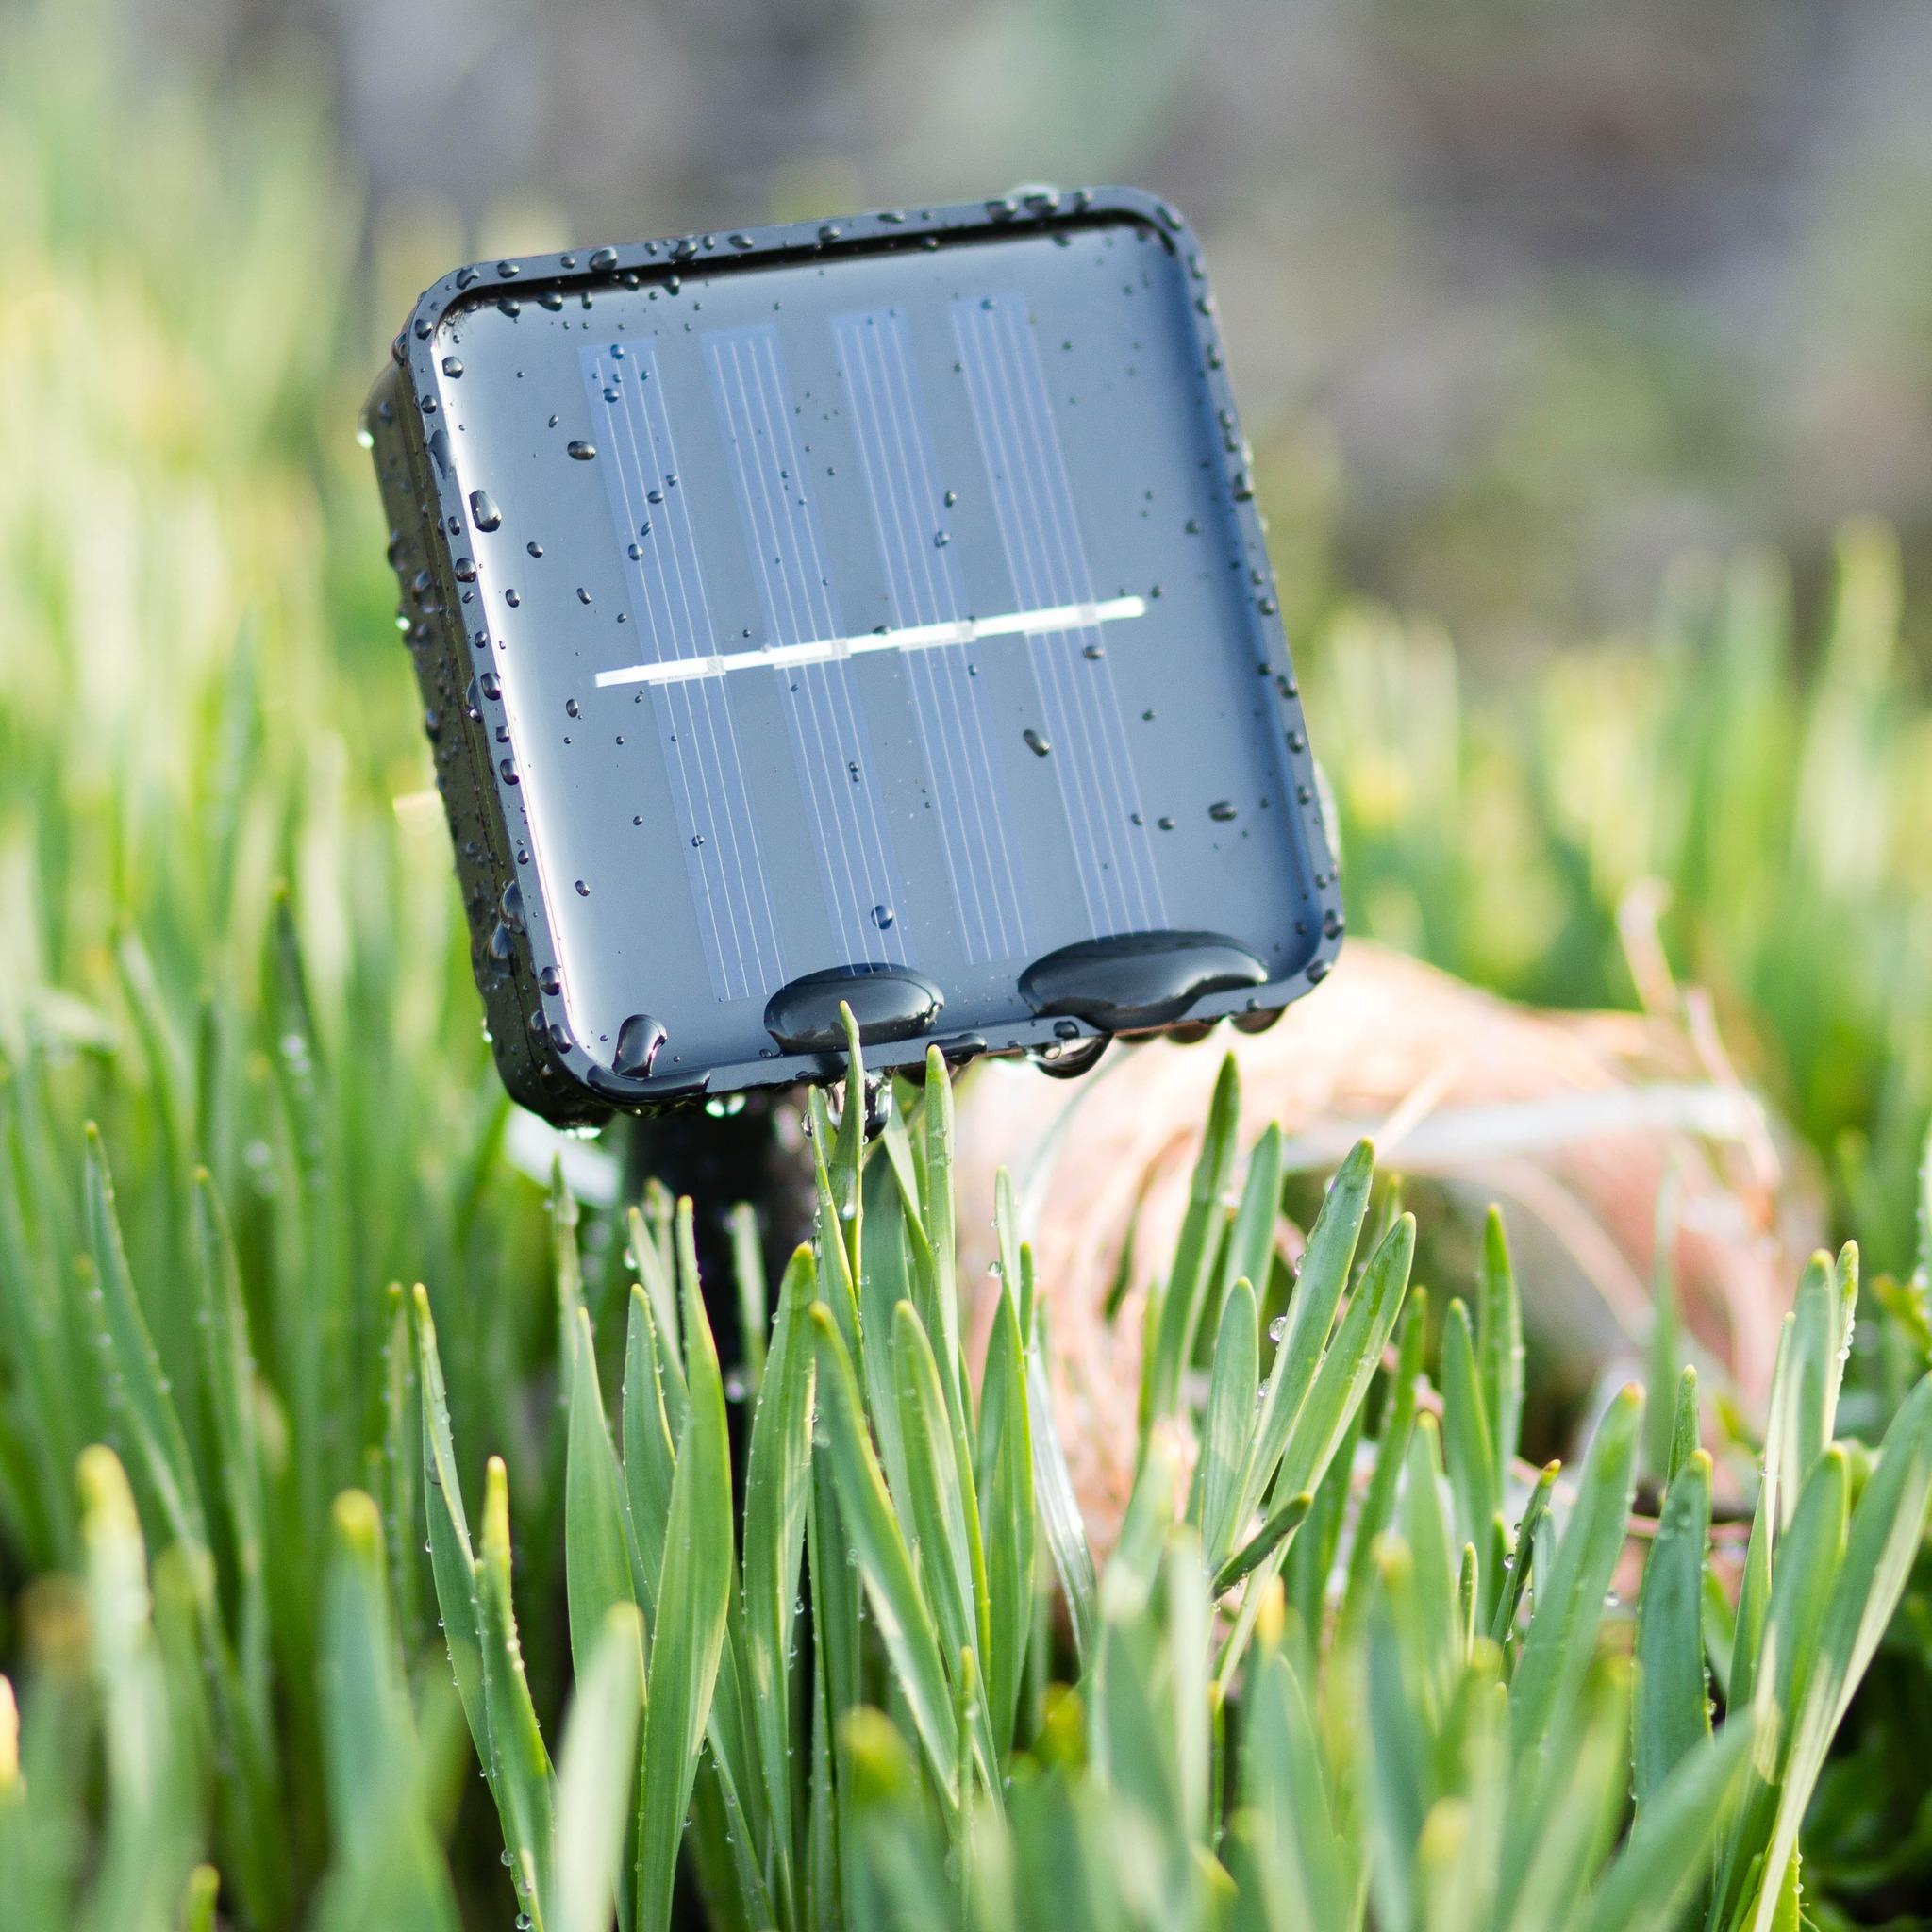 Гирлянда-нить на солнечной батарее EPECOLED зеленая (10 метров, 100LED)